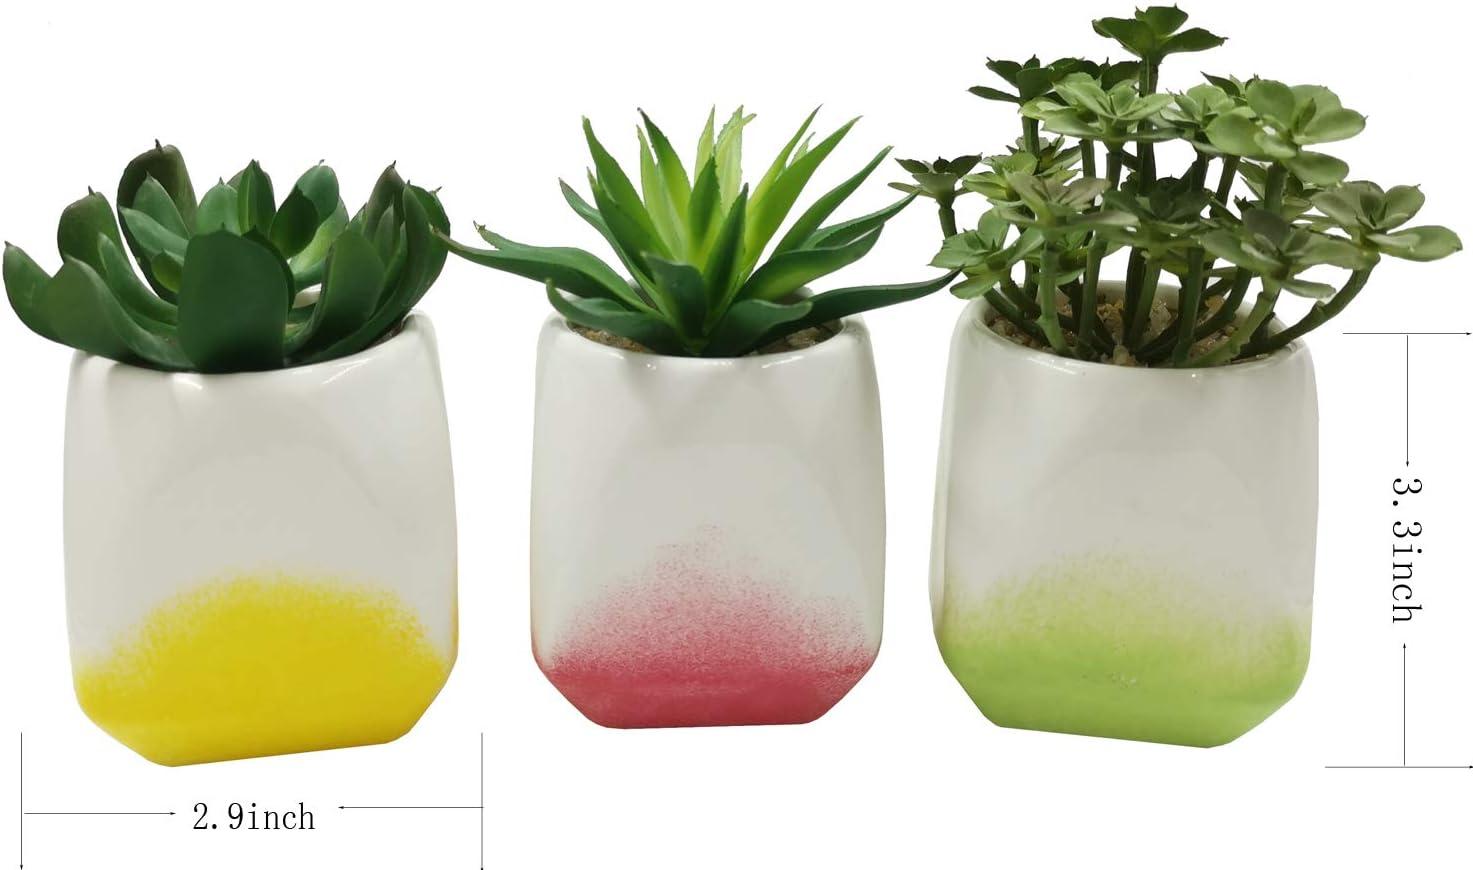 Piante grasse finte Set di 3 pianta Artificiale in Vaso per Decorazioni di casa e Ufficio Piante succulente Artificiale con Vaso Geometrico in Ceramica Piante grasse finte JIUCHEN